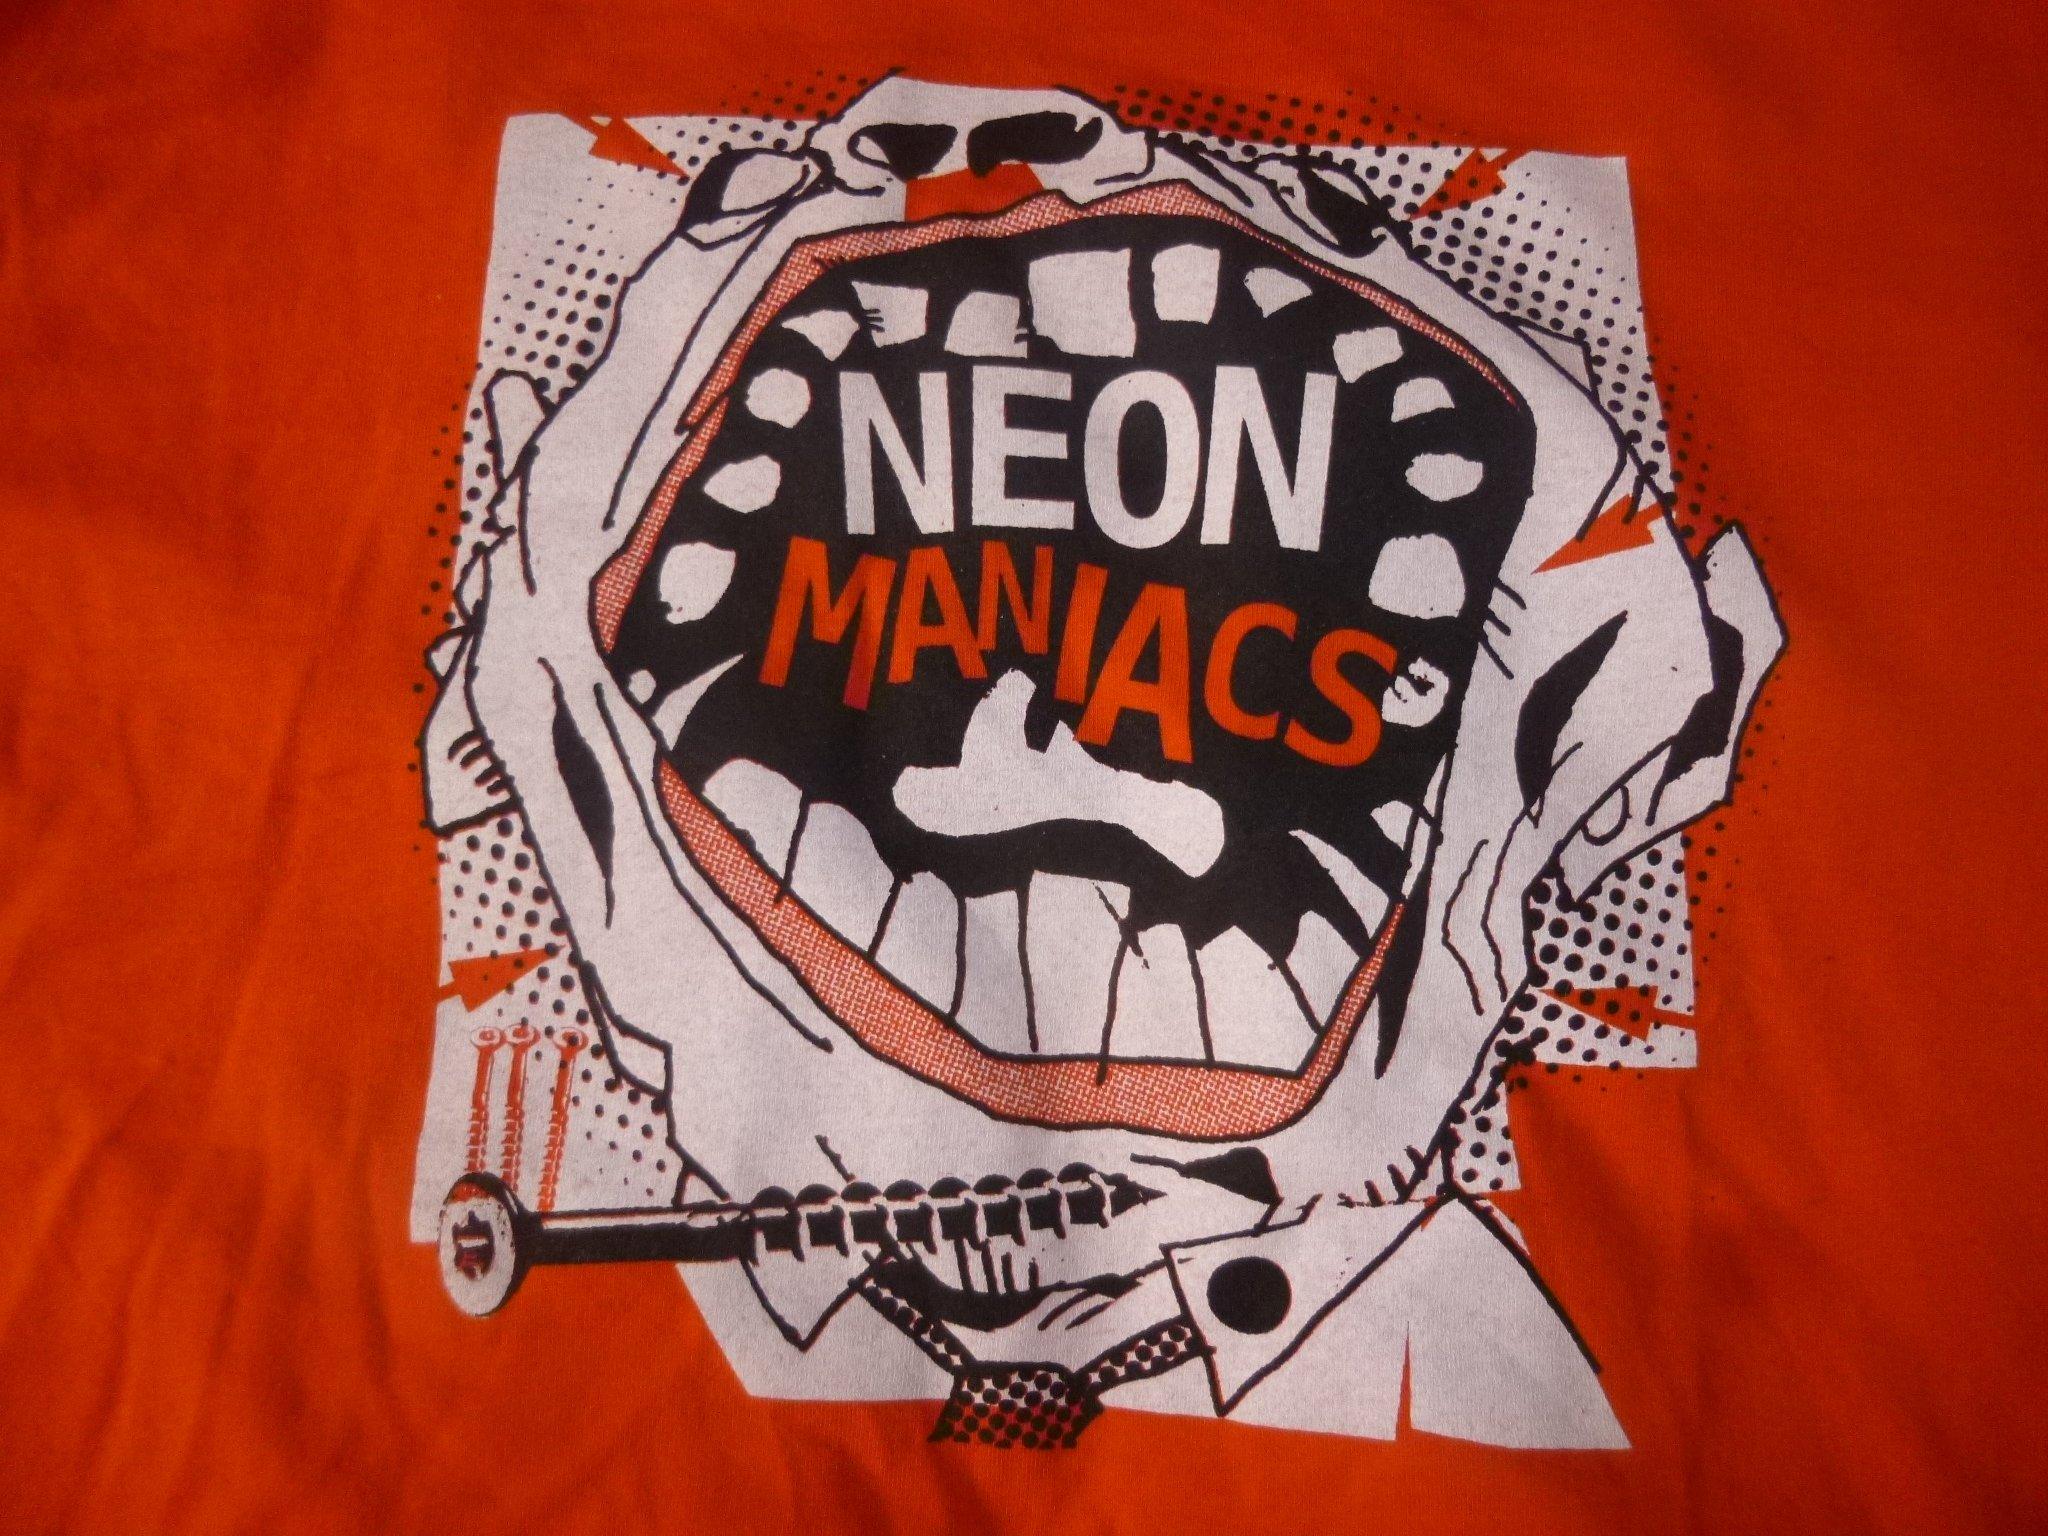 Neon Maniacs - T-Shirt